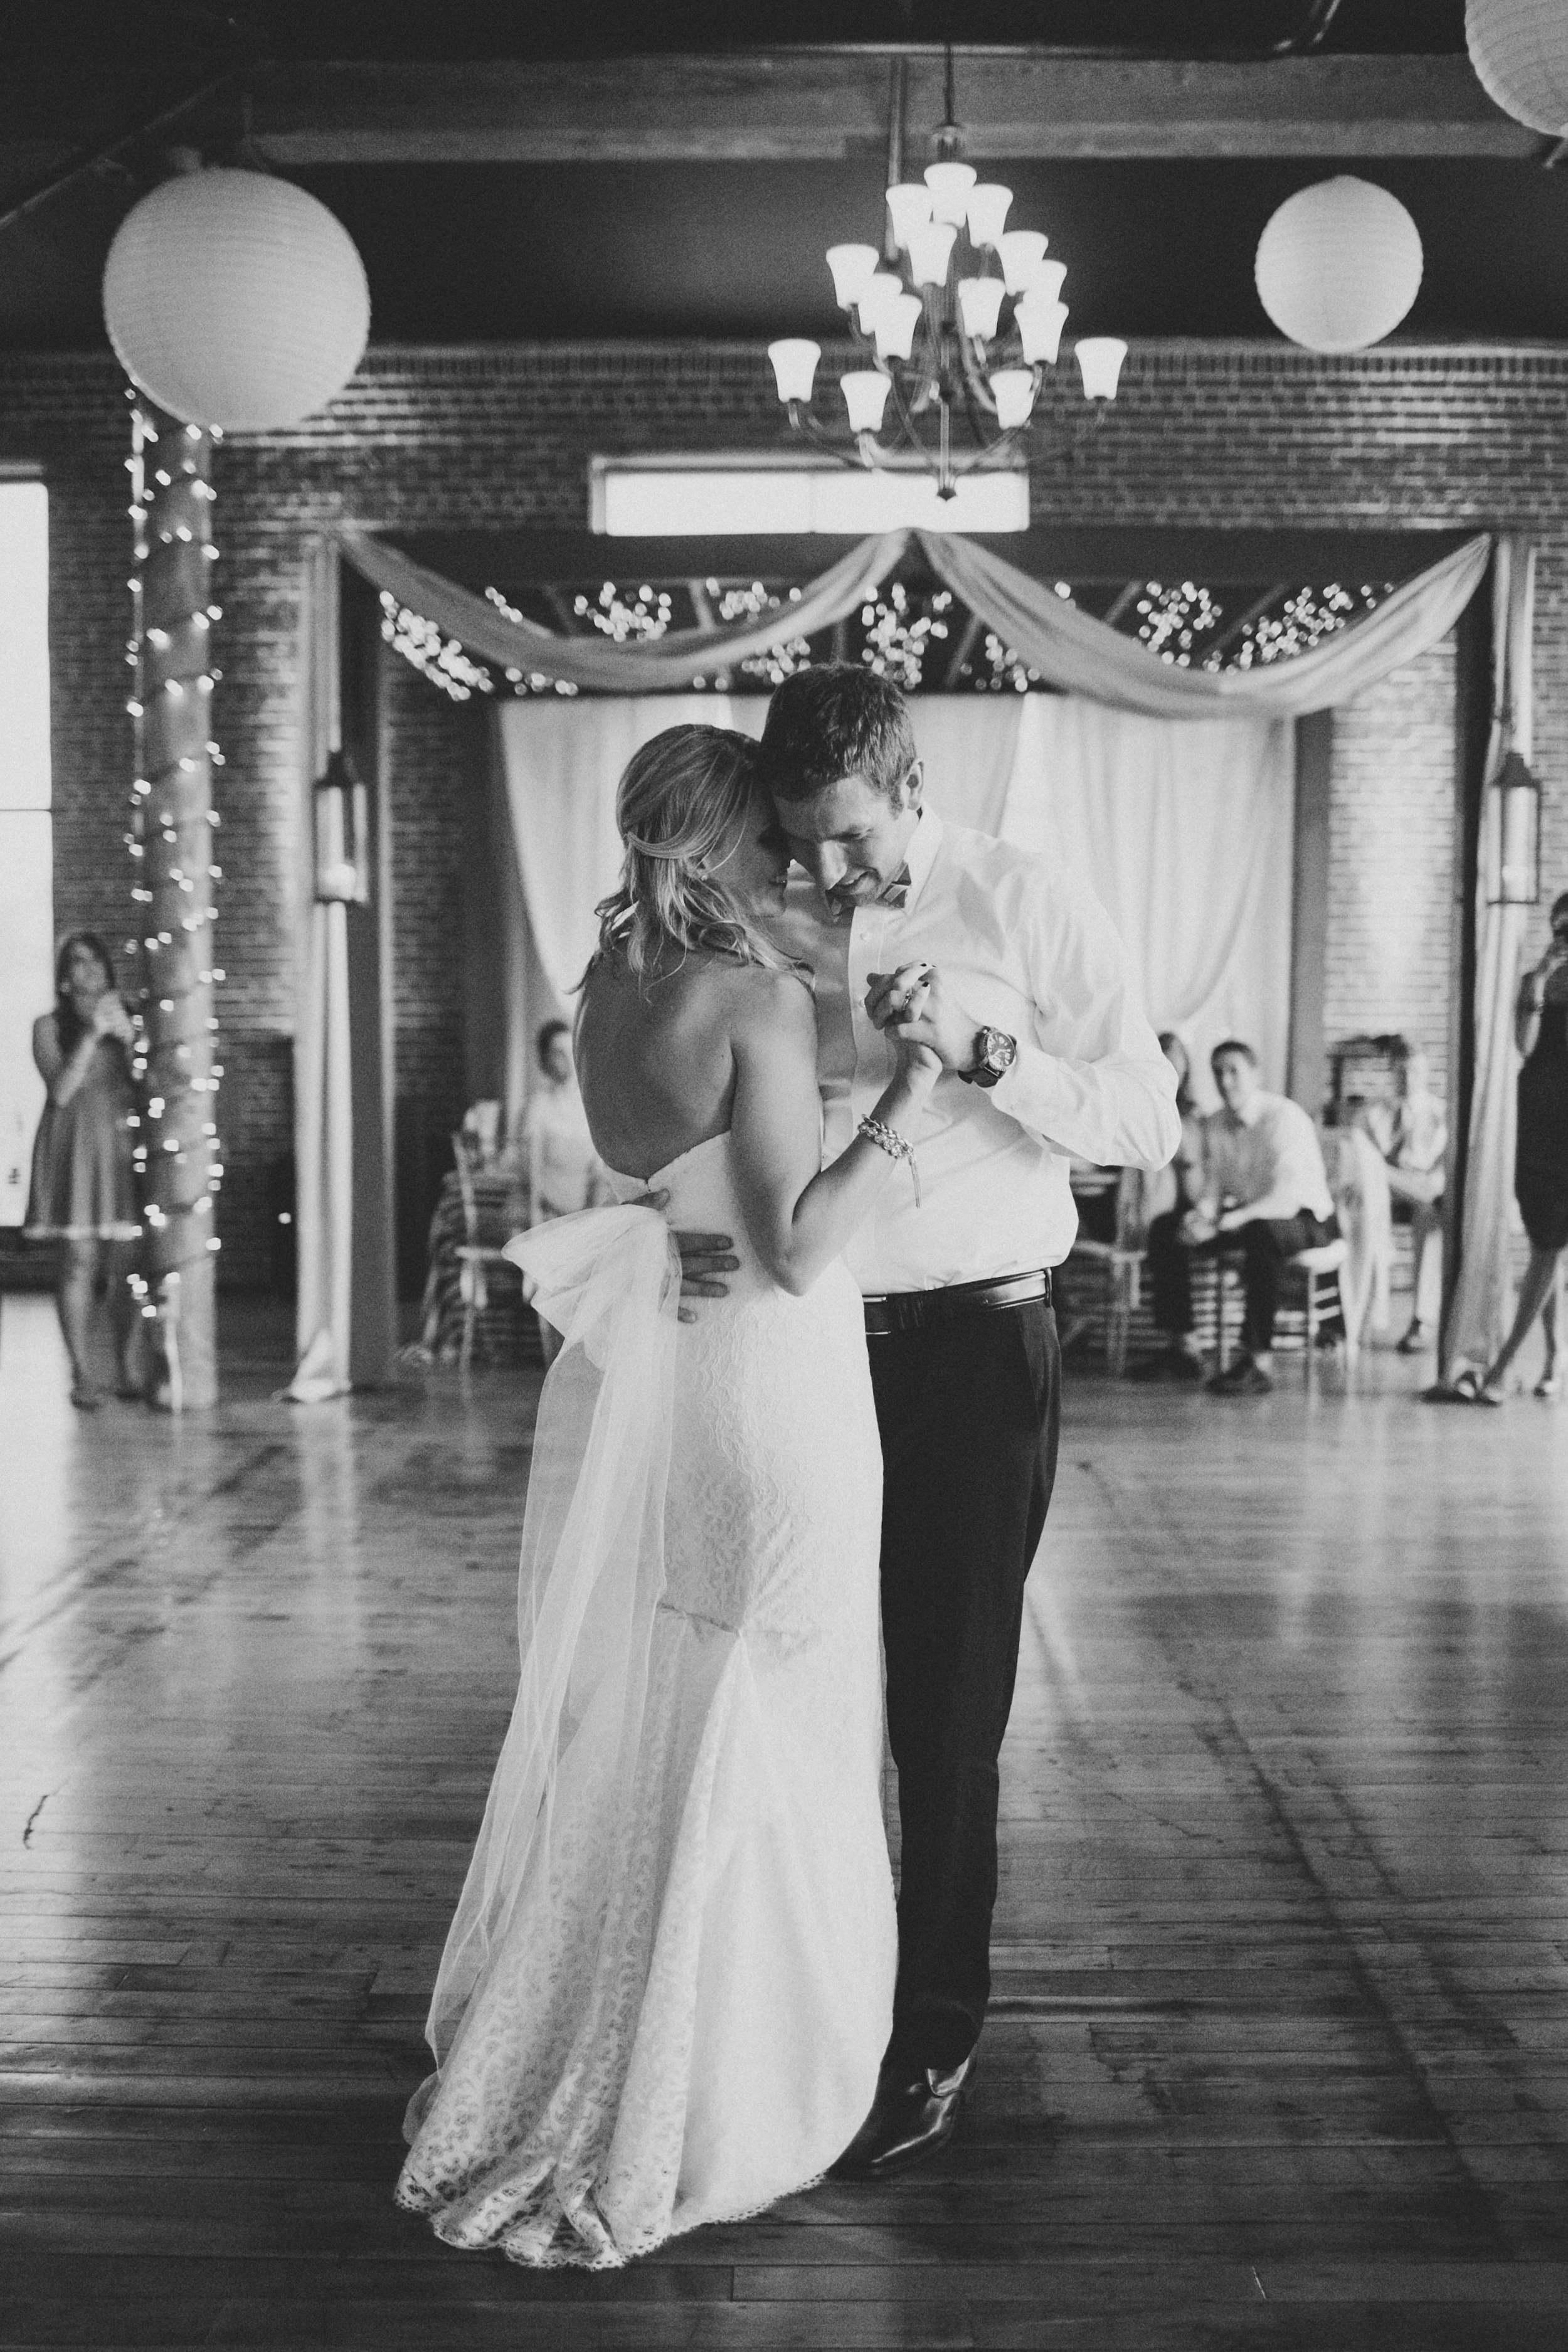 Wedding676-min.jpg